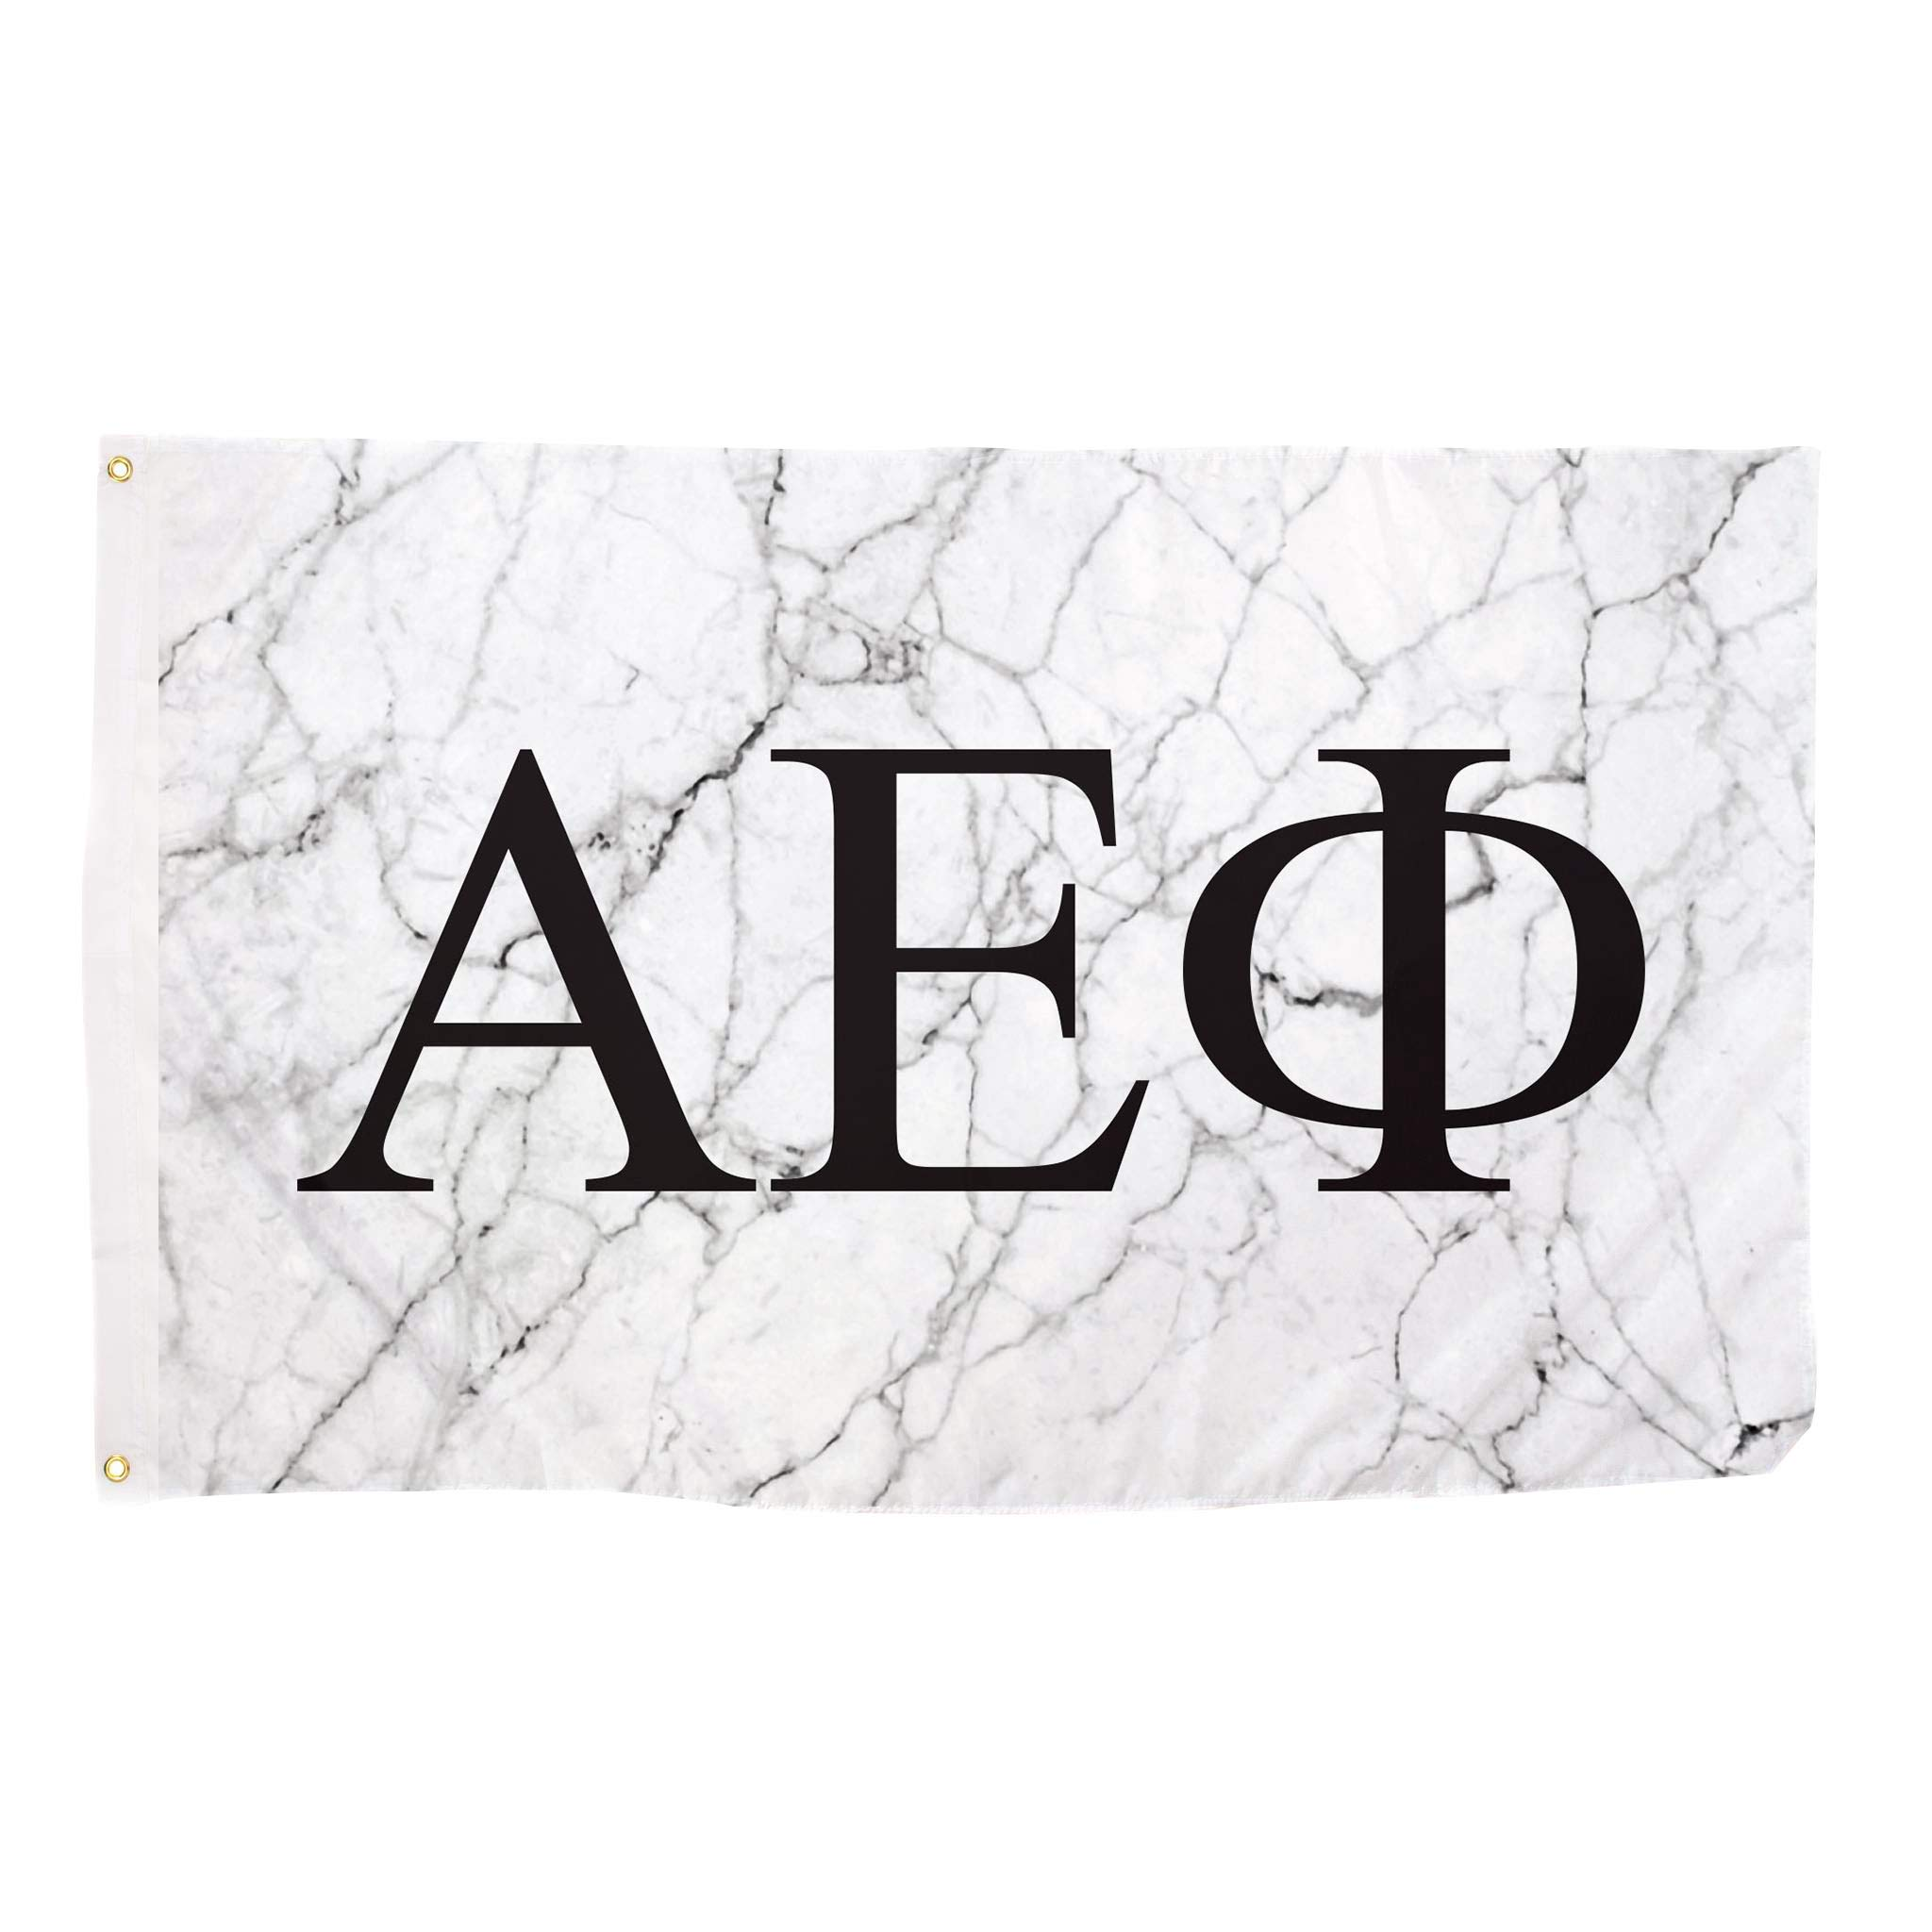 Alpha Epsilon Phi Light Marble Sorority Letter Flag Banner 3 x 5 Sign Decor A E Phi